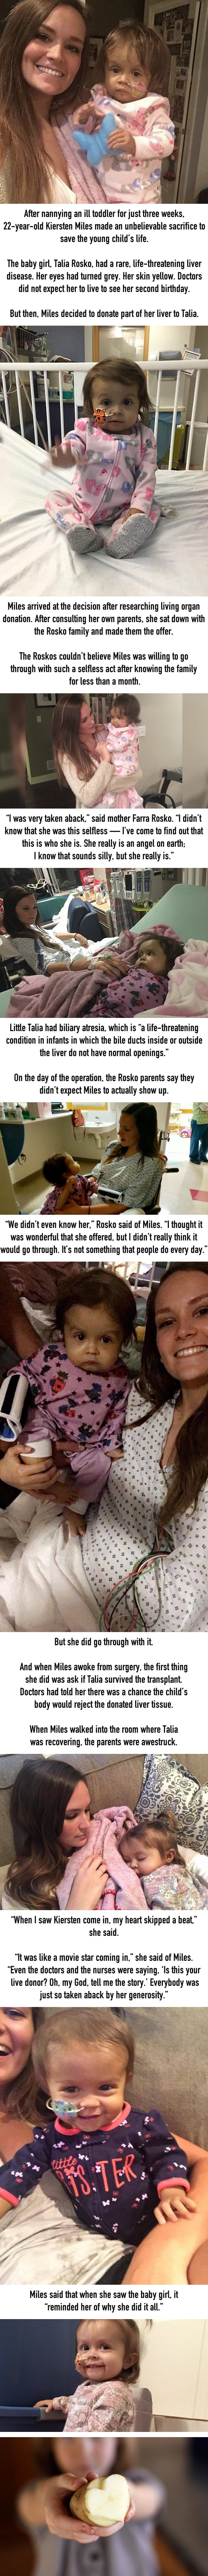 A nanny made an incredible sacrifice to save a sick toddler